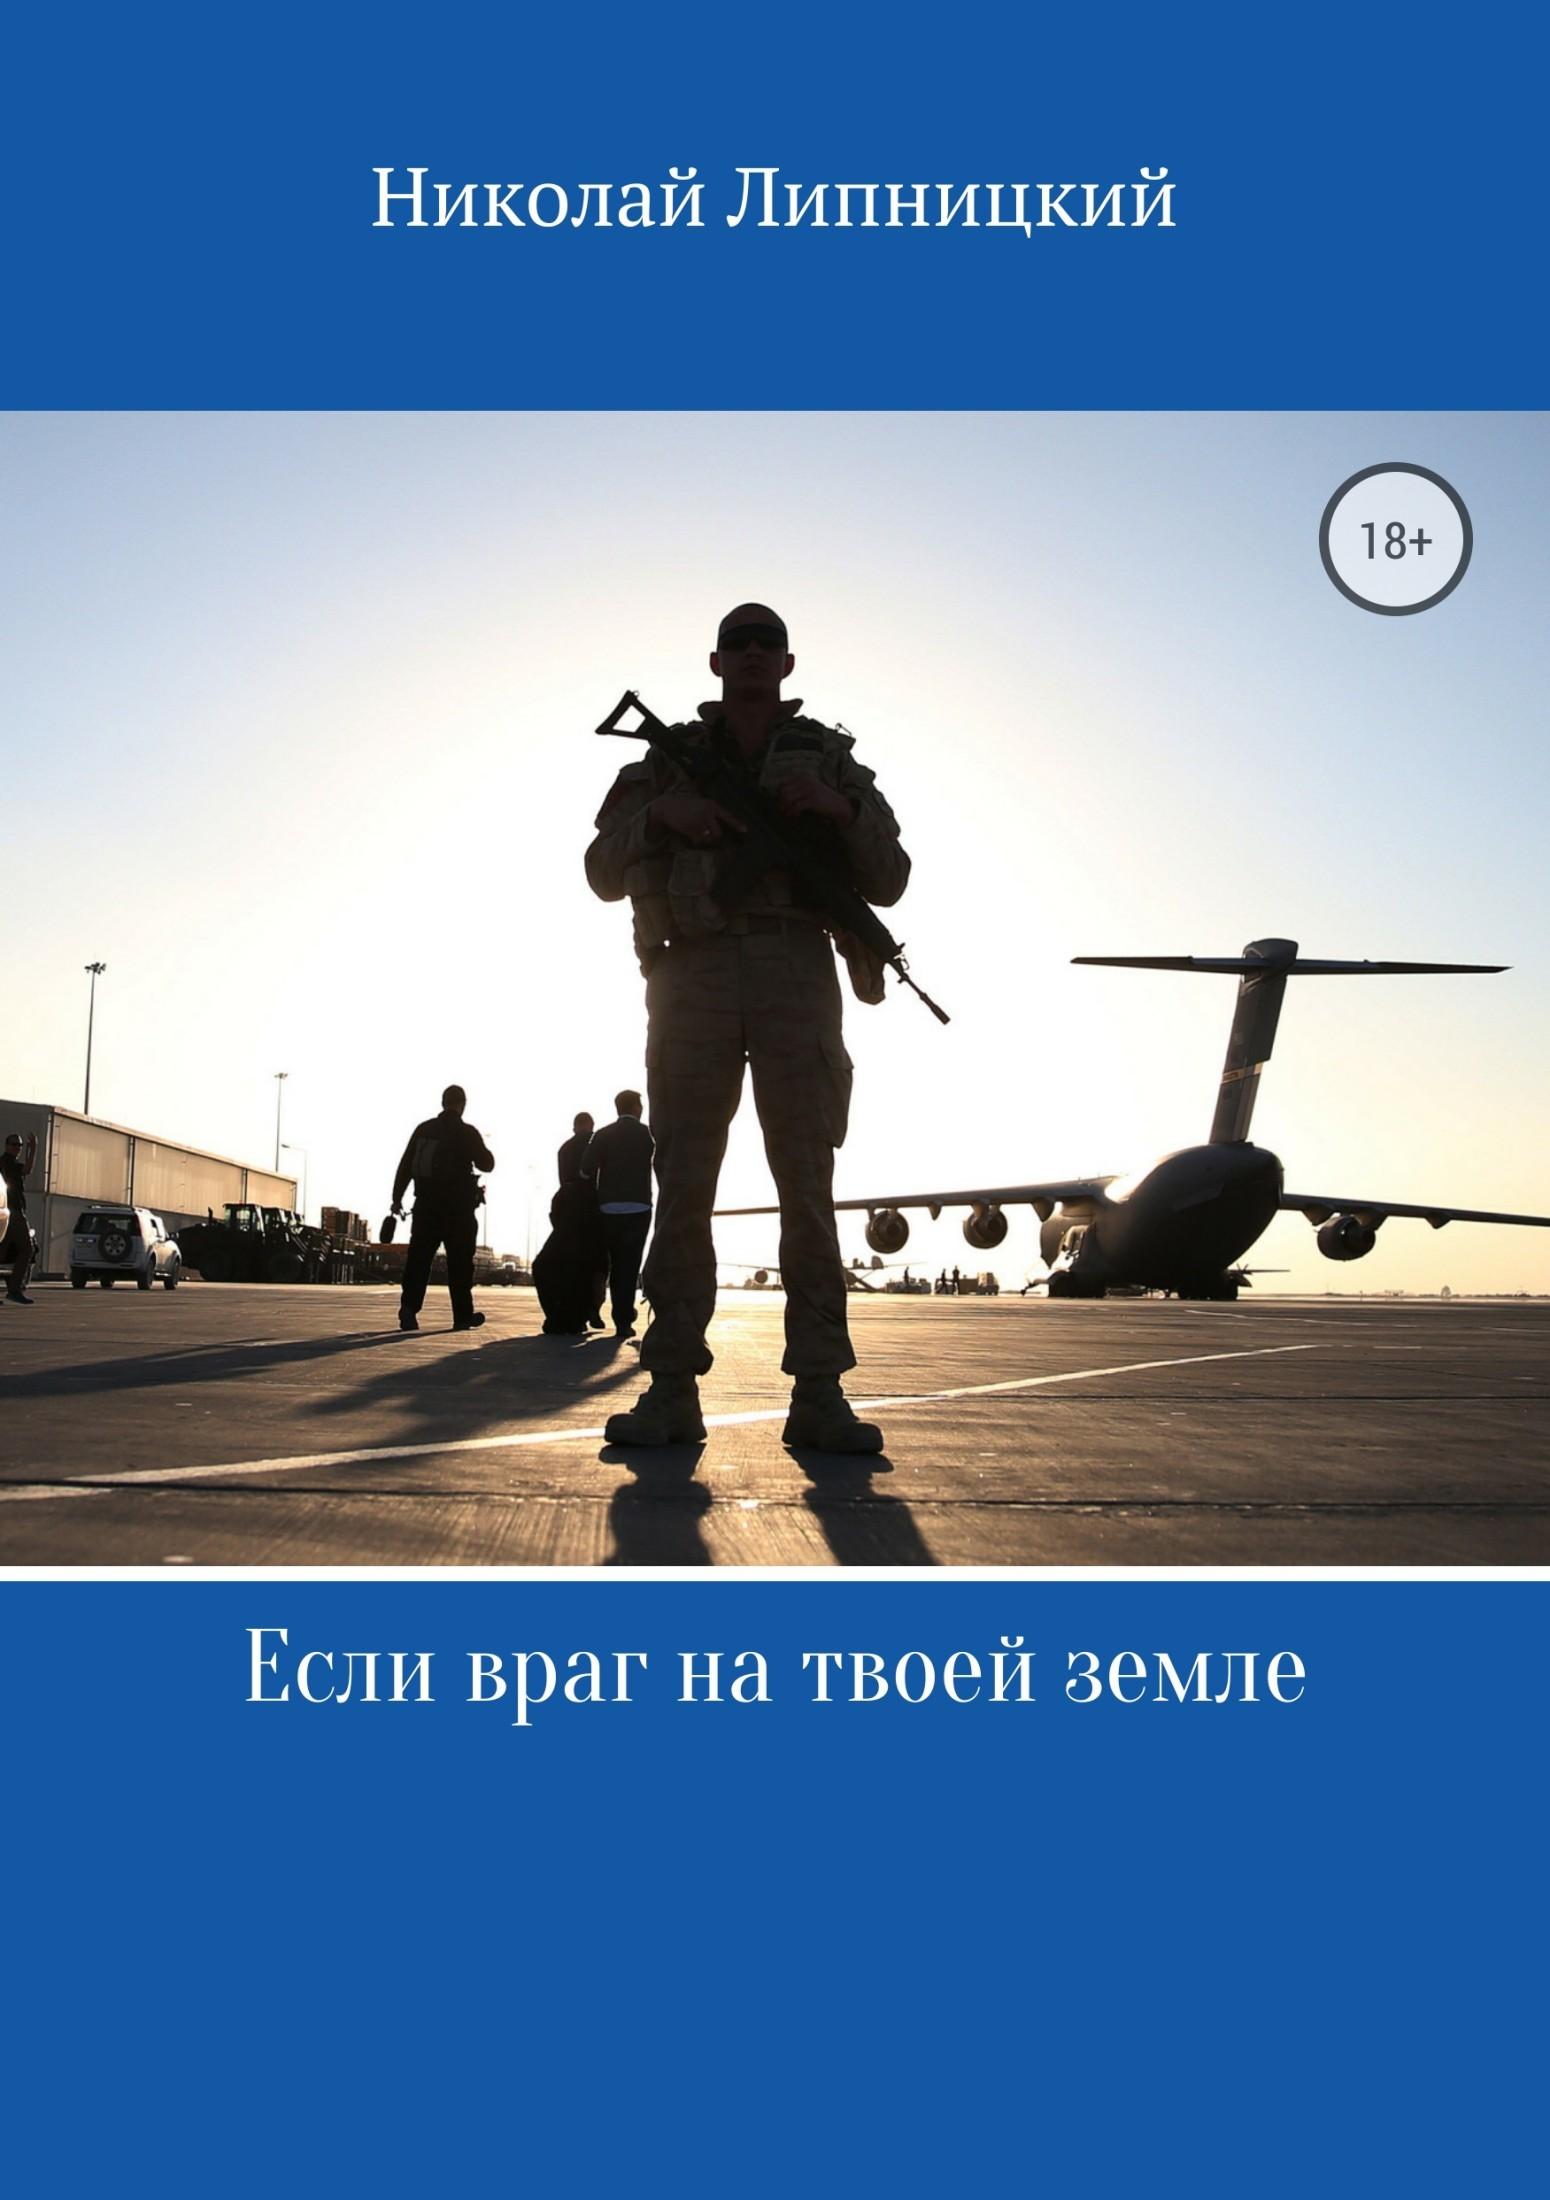 цена Николай Иванович Липницкий Если враг на твоей земле